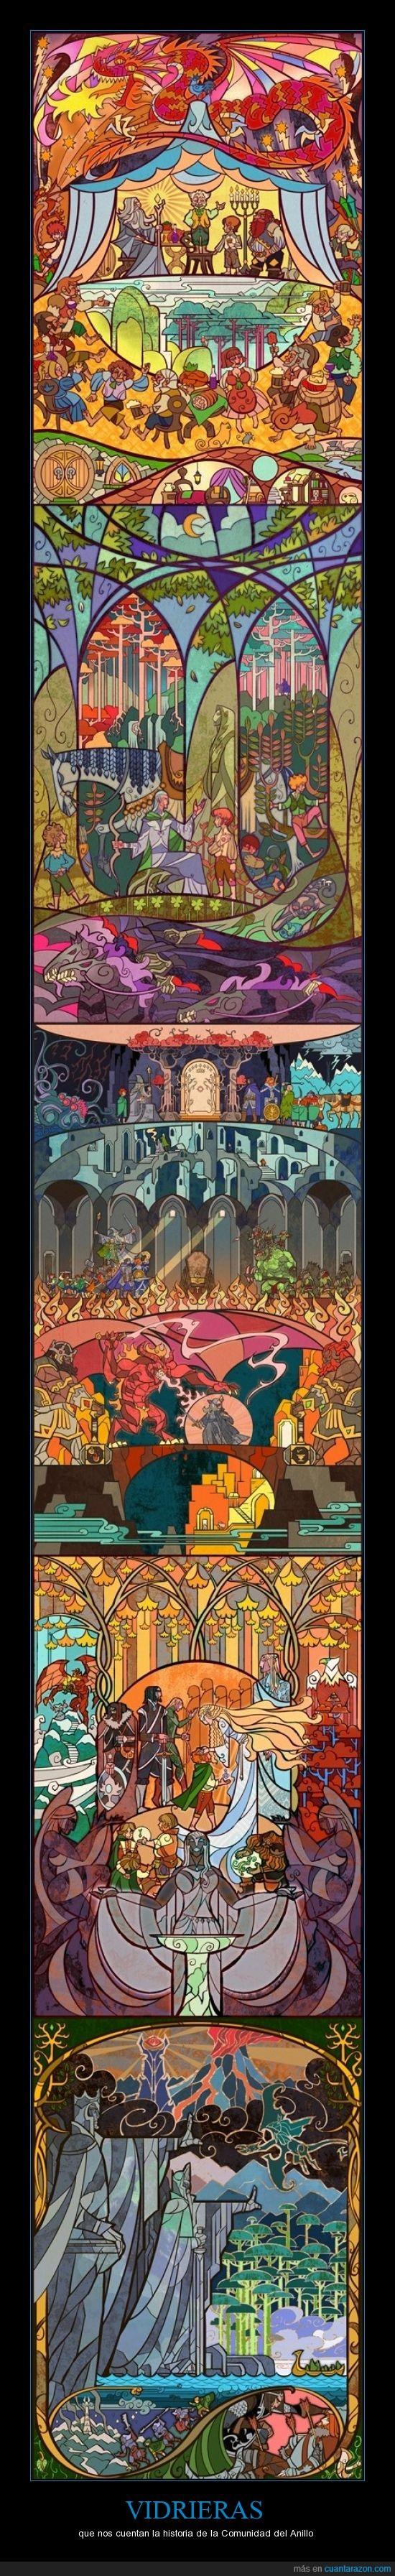 El señor de los anillos,ESDLA,Frodo,Gandalf,Jian Guo,la comunidad del anillo,Sam,vidrieras